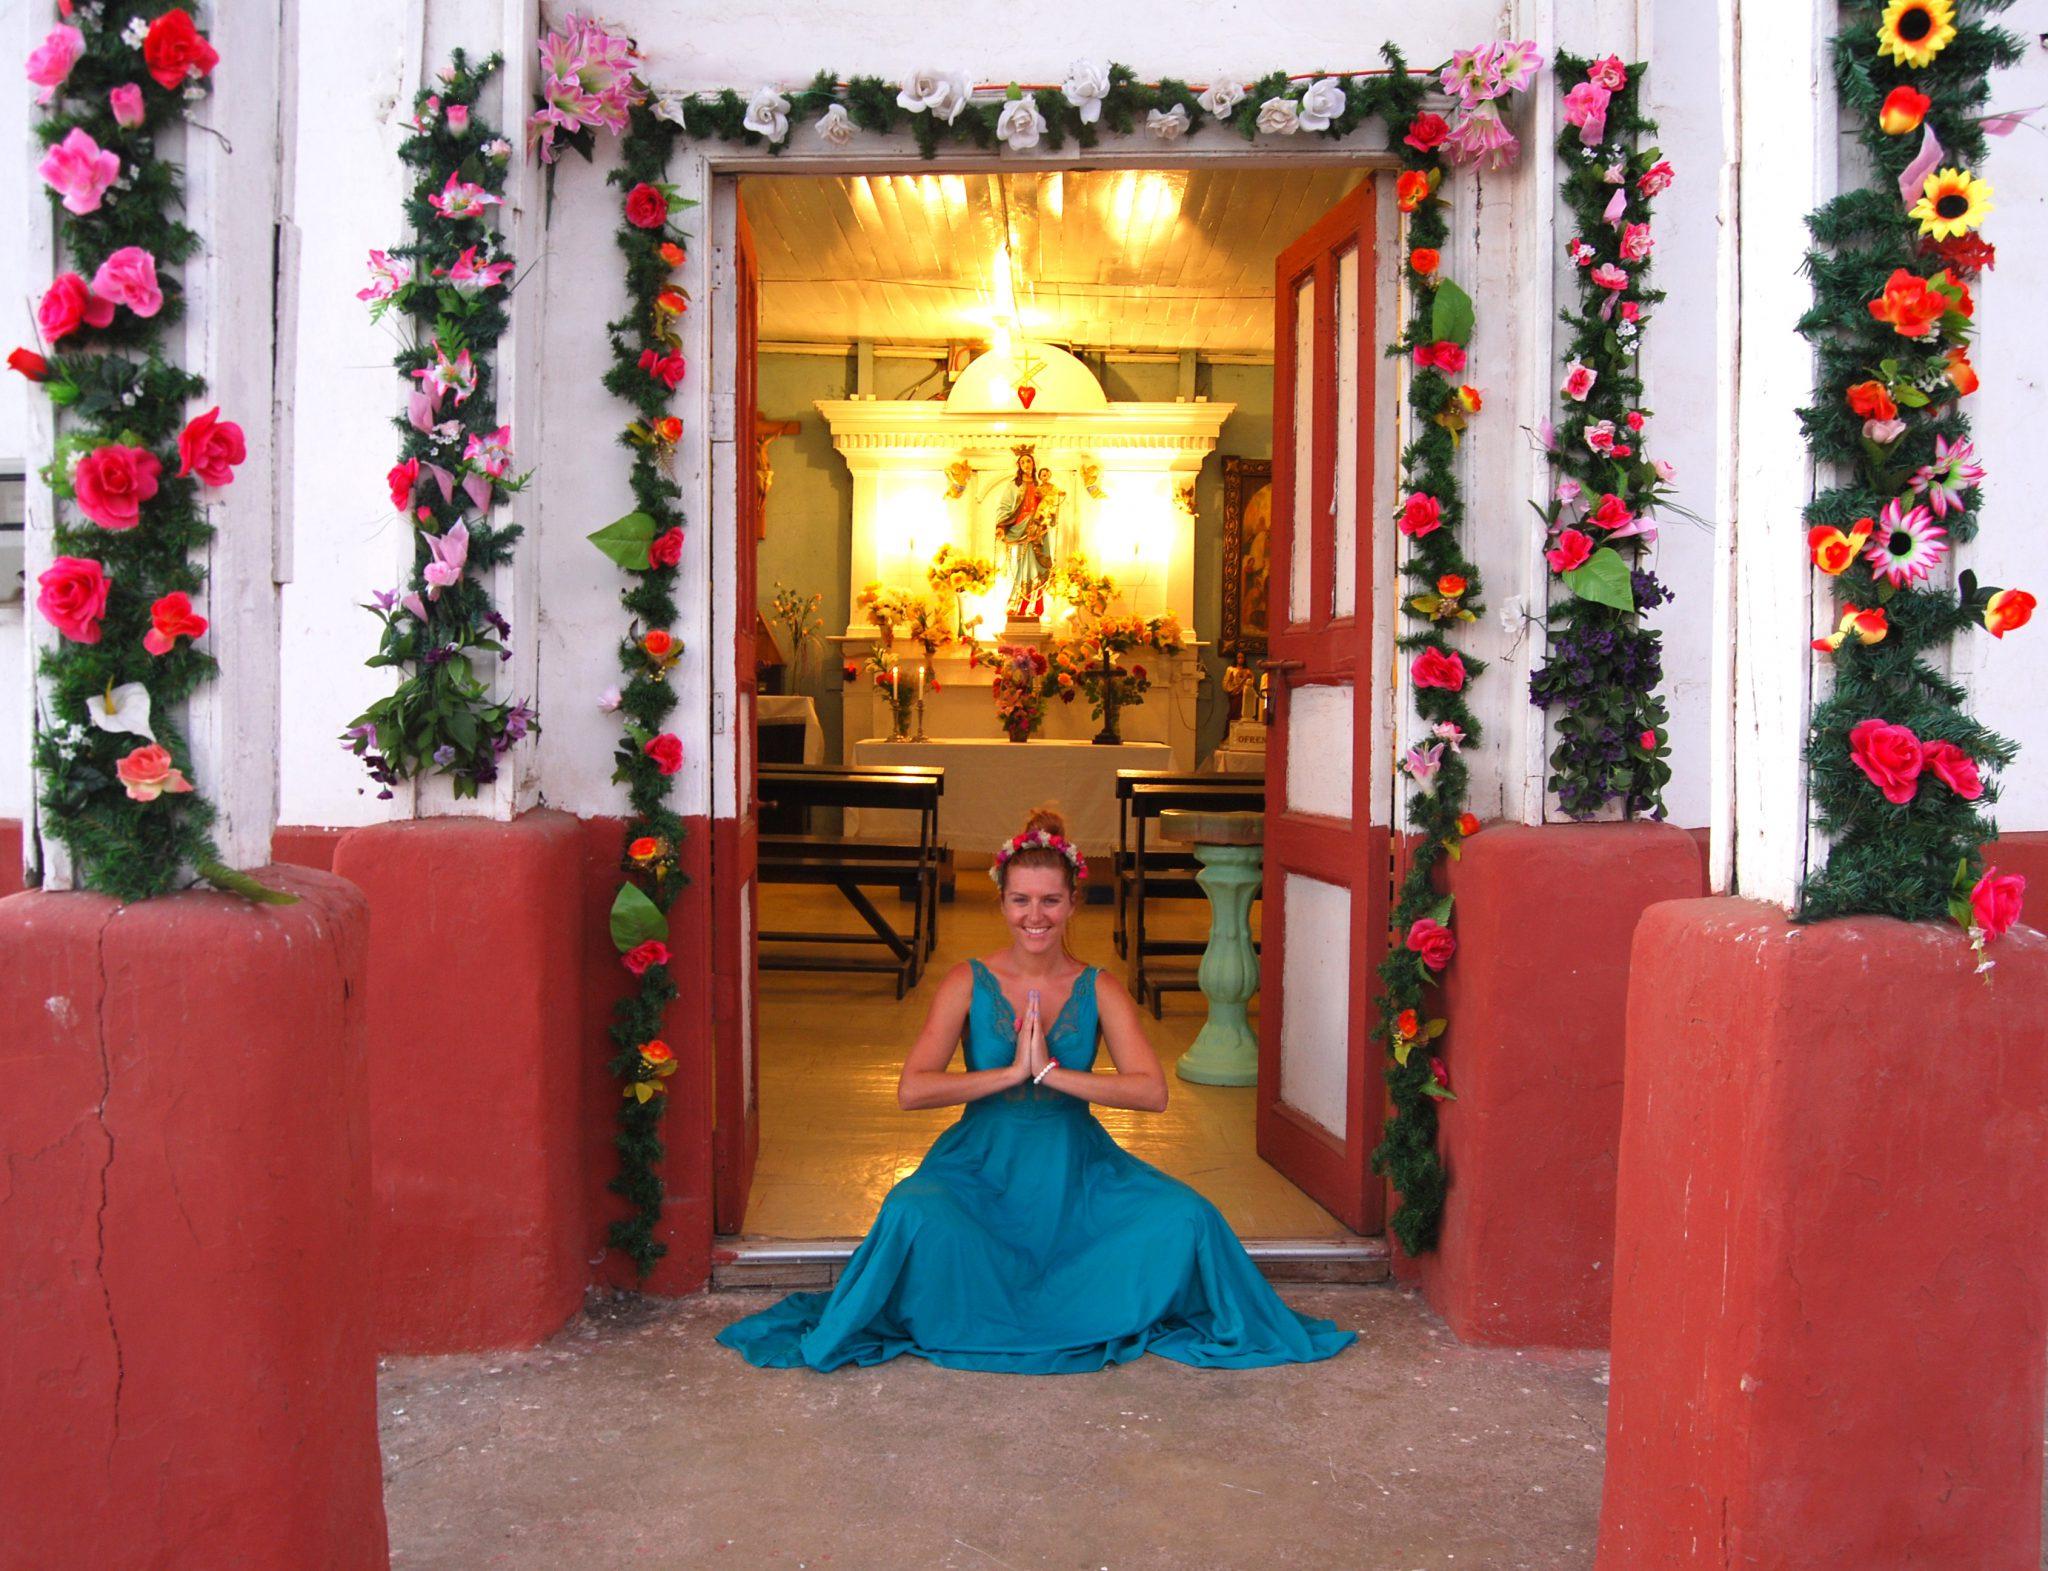 La Iglesia del pueblo de Incahuasi me encandilo con sus flores en medio del desierto